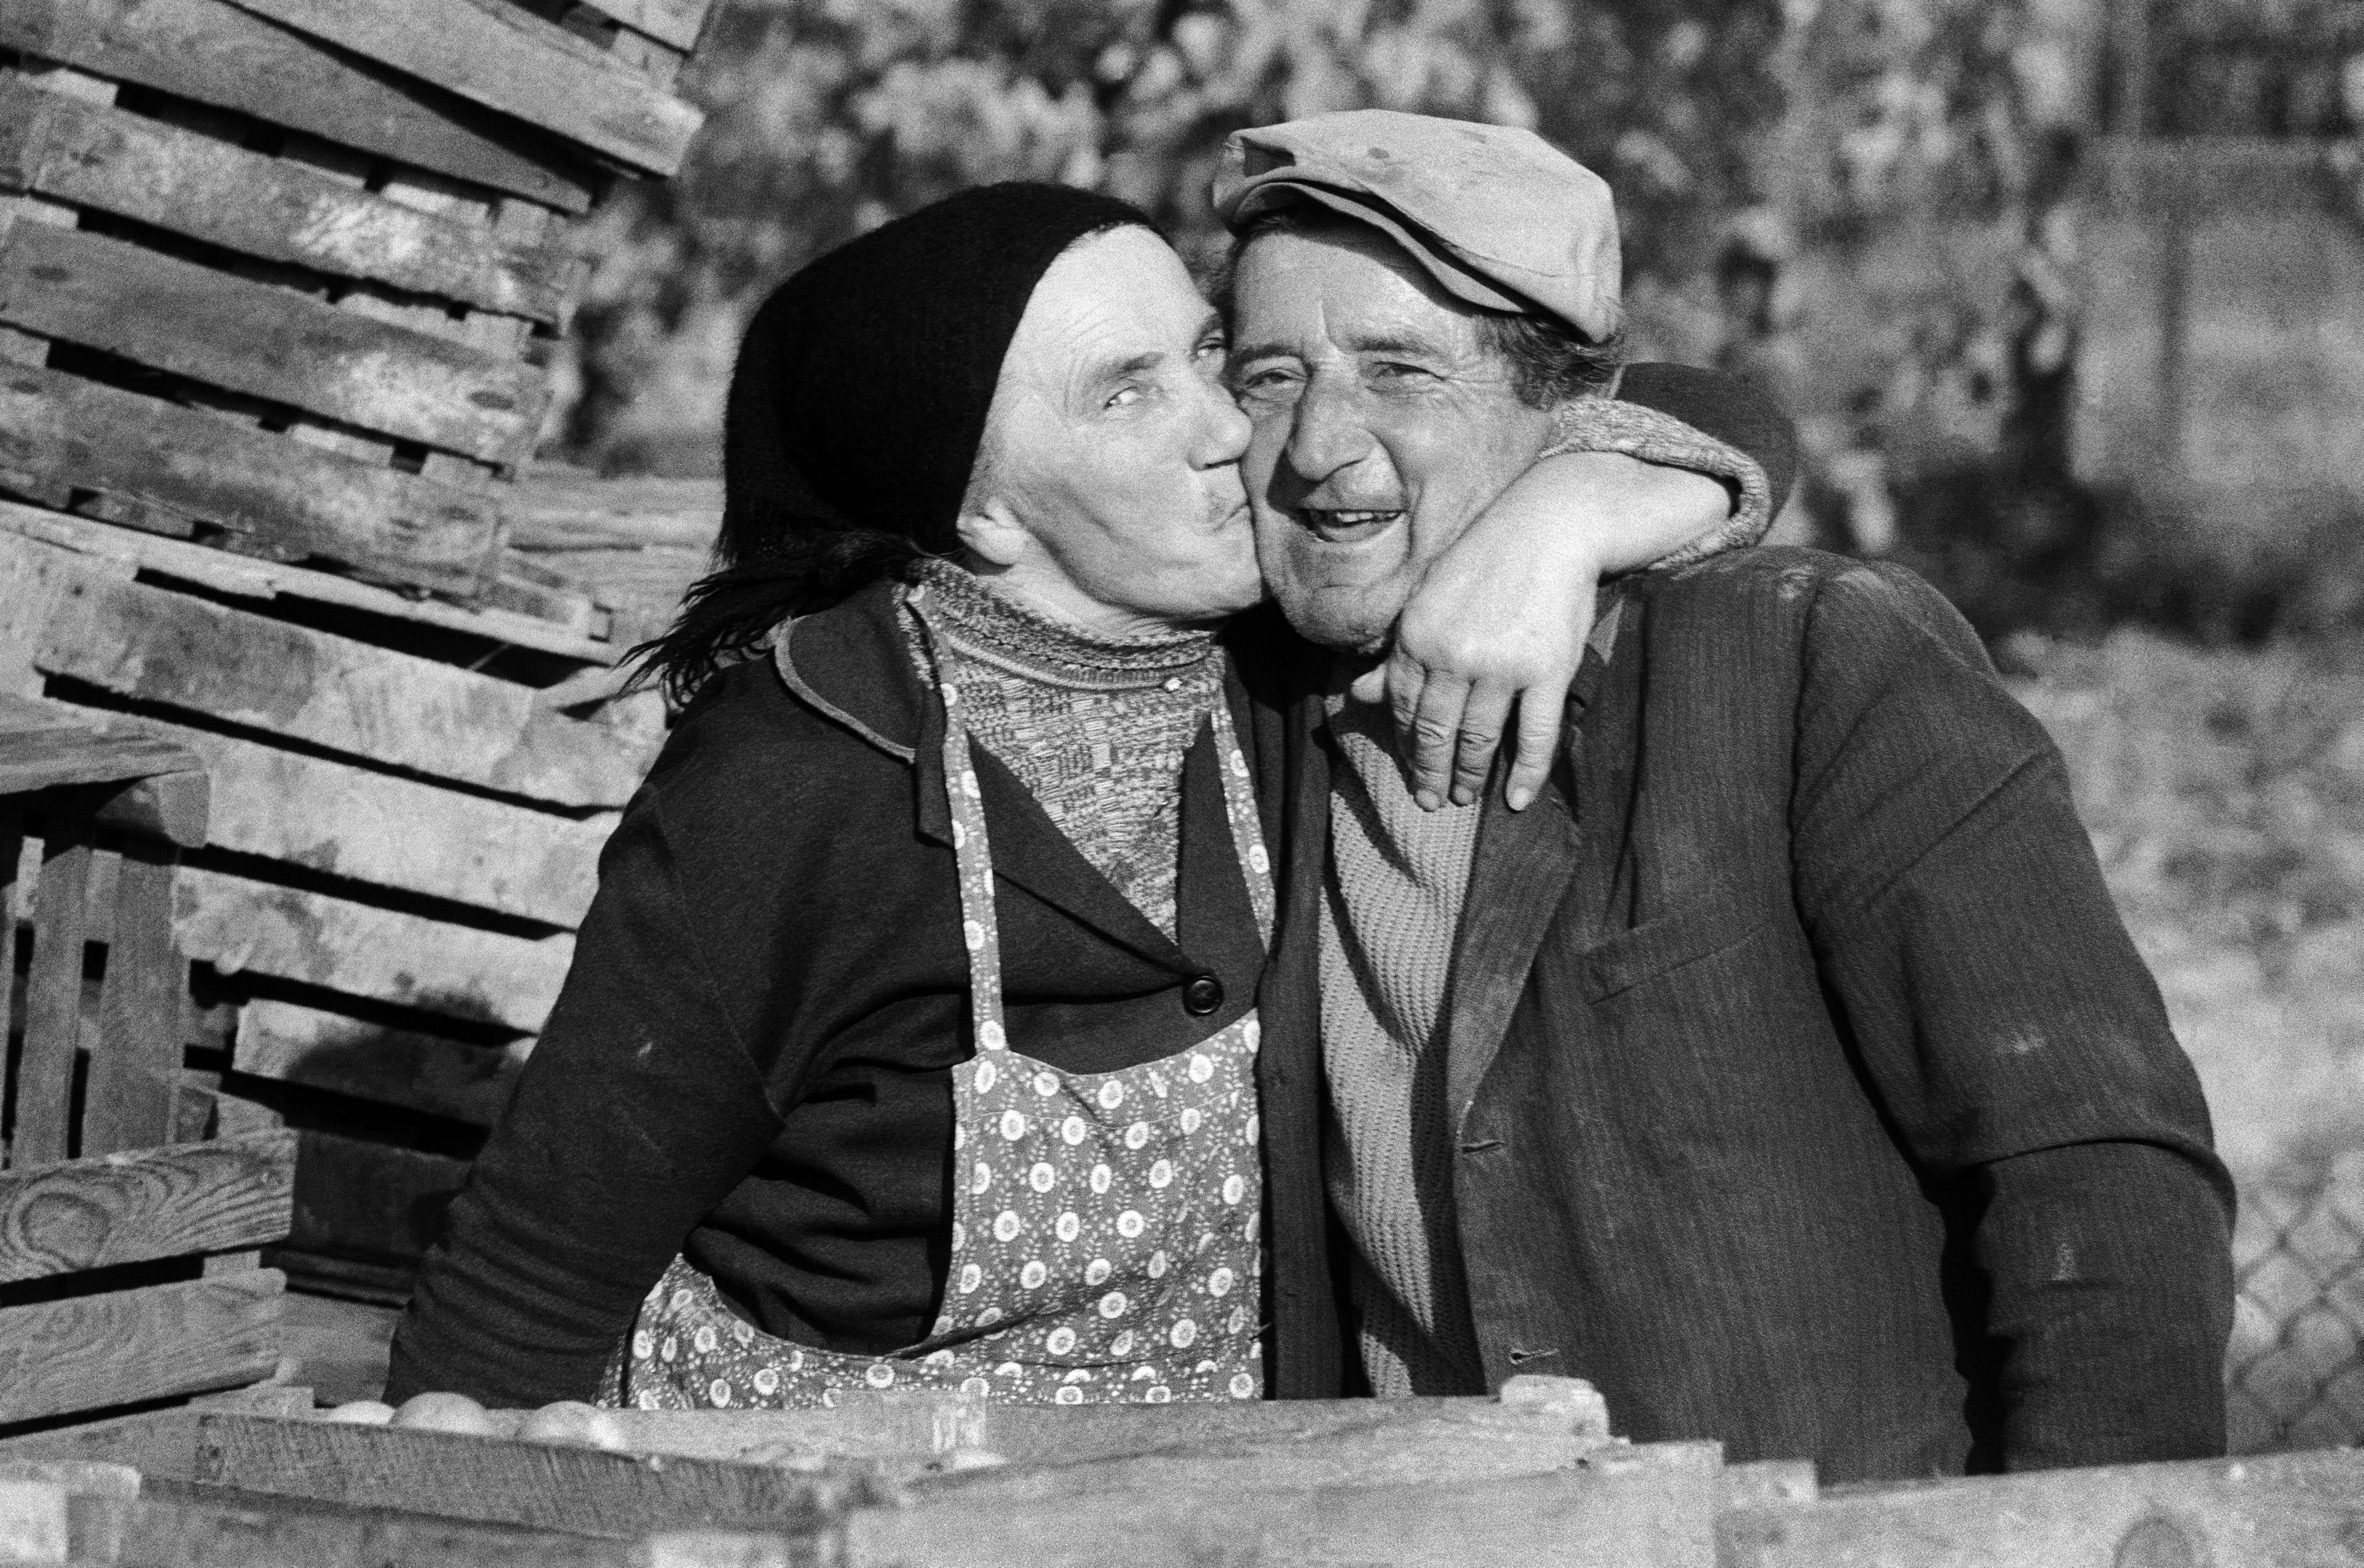 Konary (grójeckie), 10.1976. Pocałunek w punkcie skupu owoców. Fot. Aleksander Jałosiński/FORUM